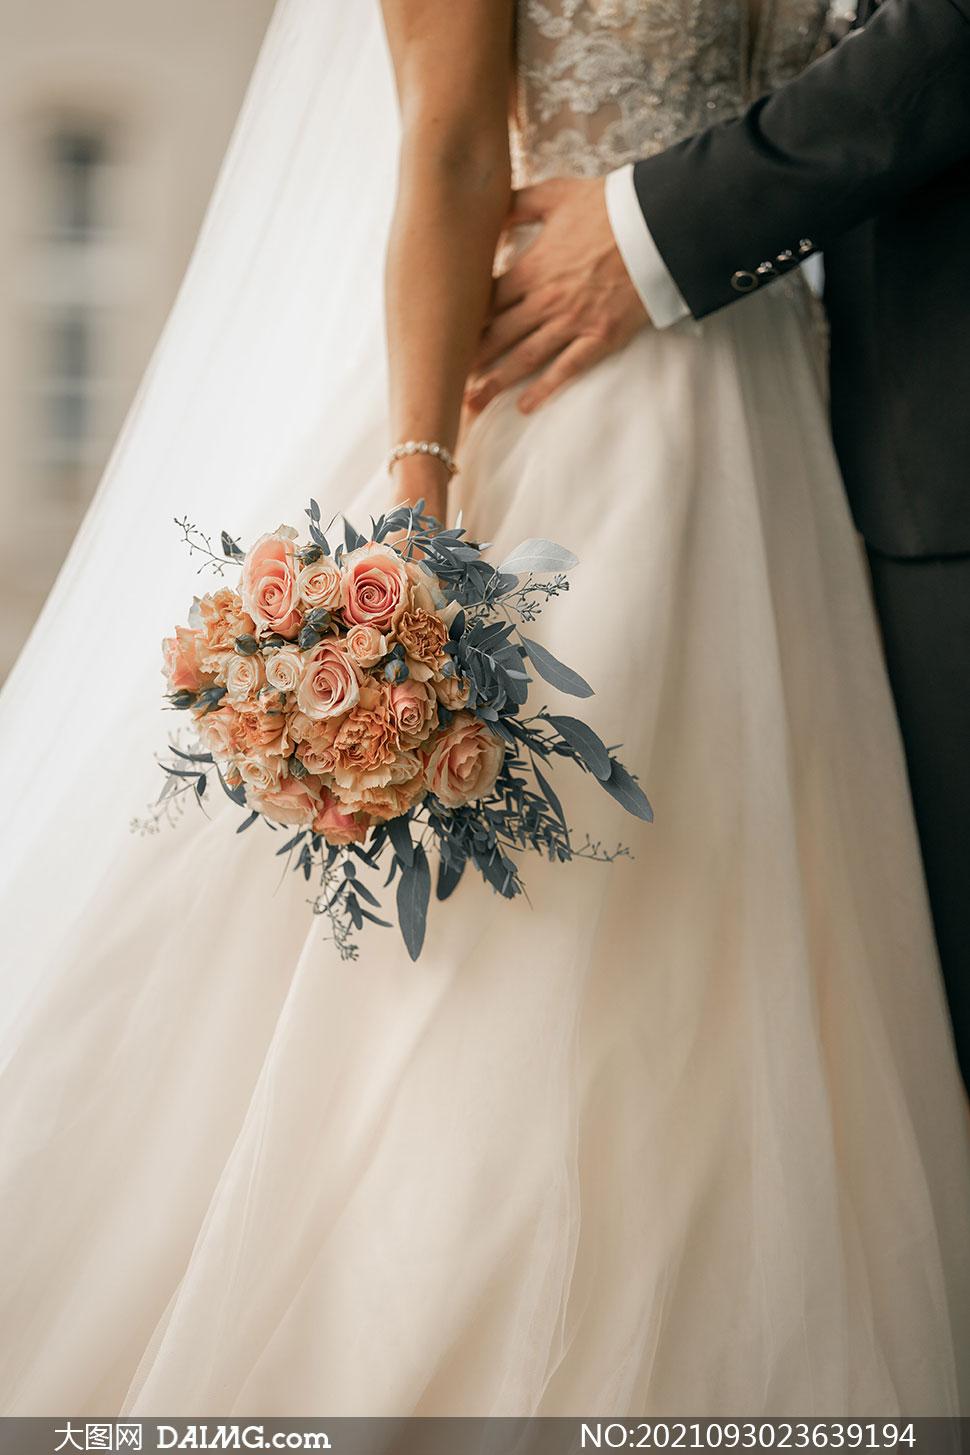 手拿着玫瑰花束的新娘摄影高清图片